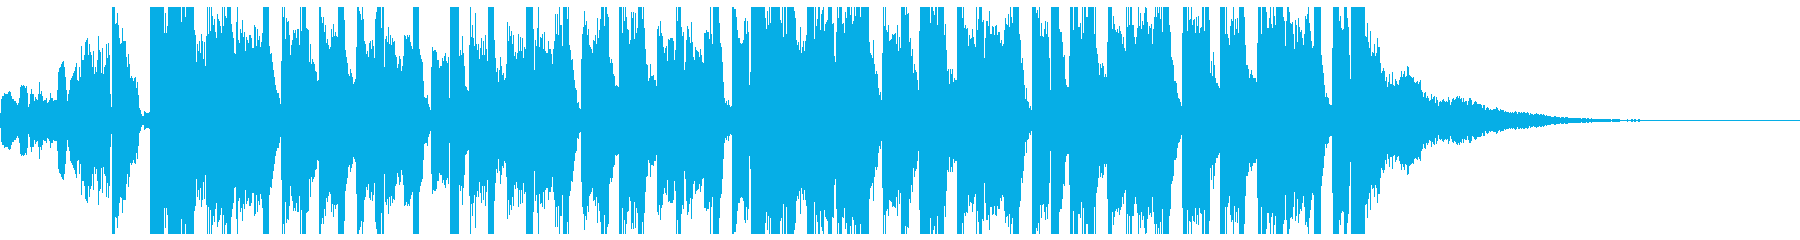 ファンキーで弾みあるエレクトロジングルの再生済みの波形